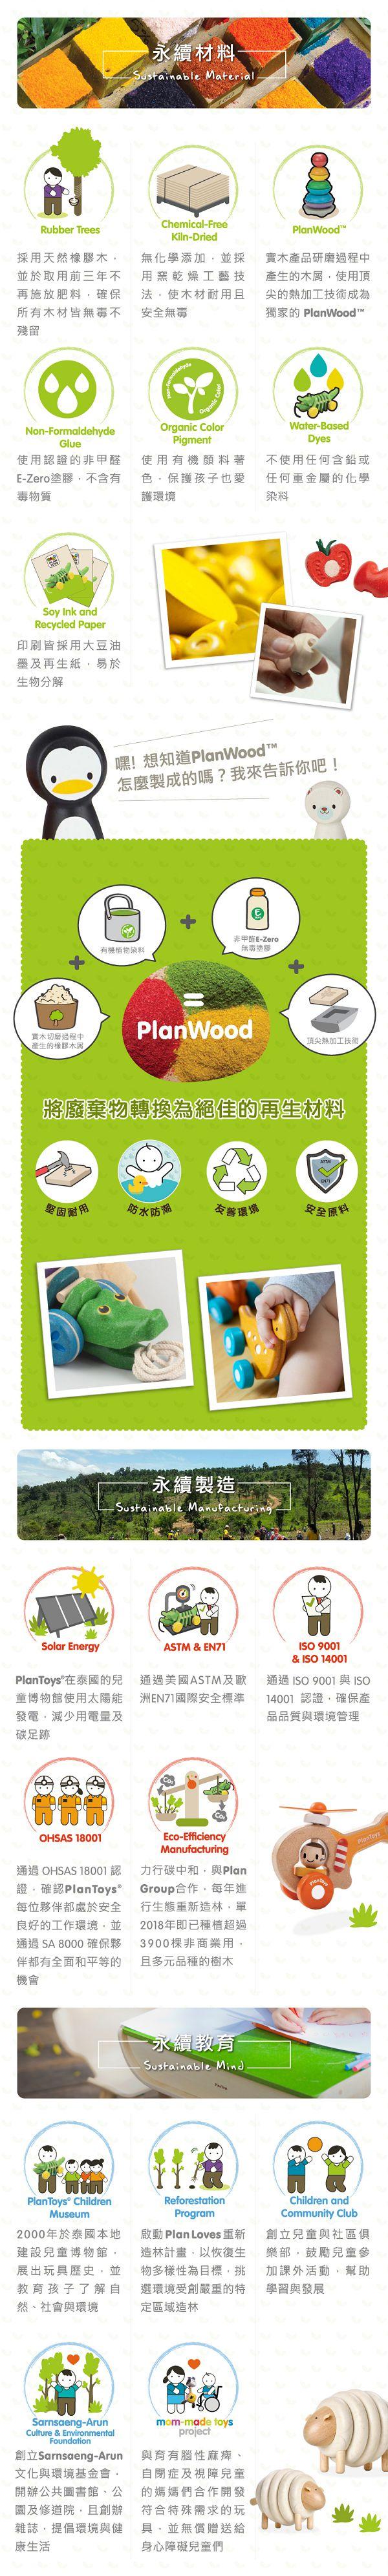 泰國 玩具 plantoys 玩具 環保 玩具